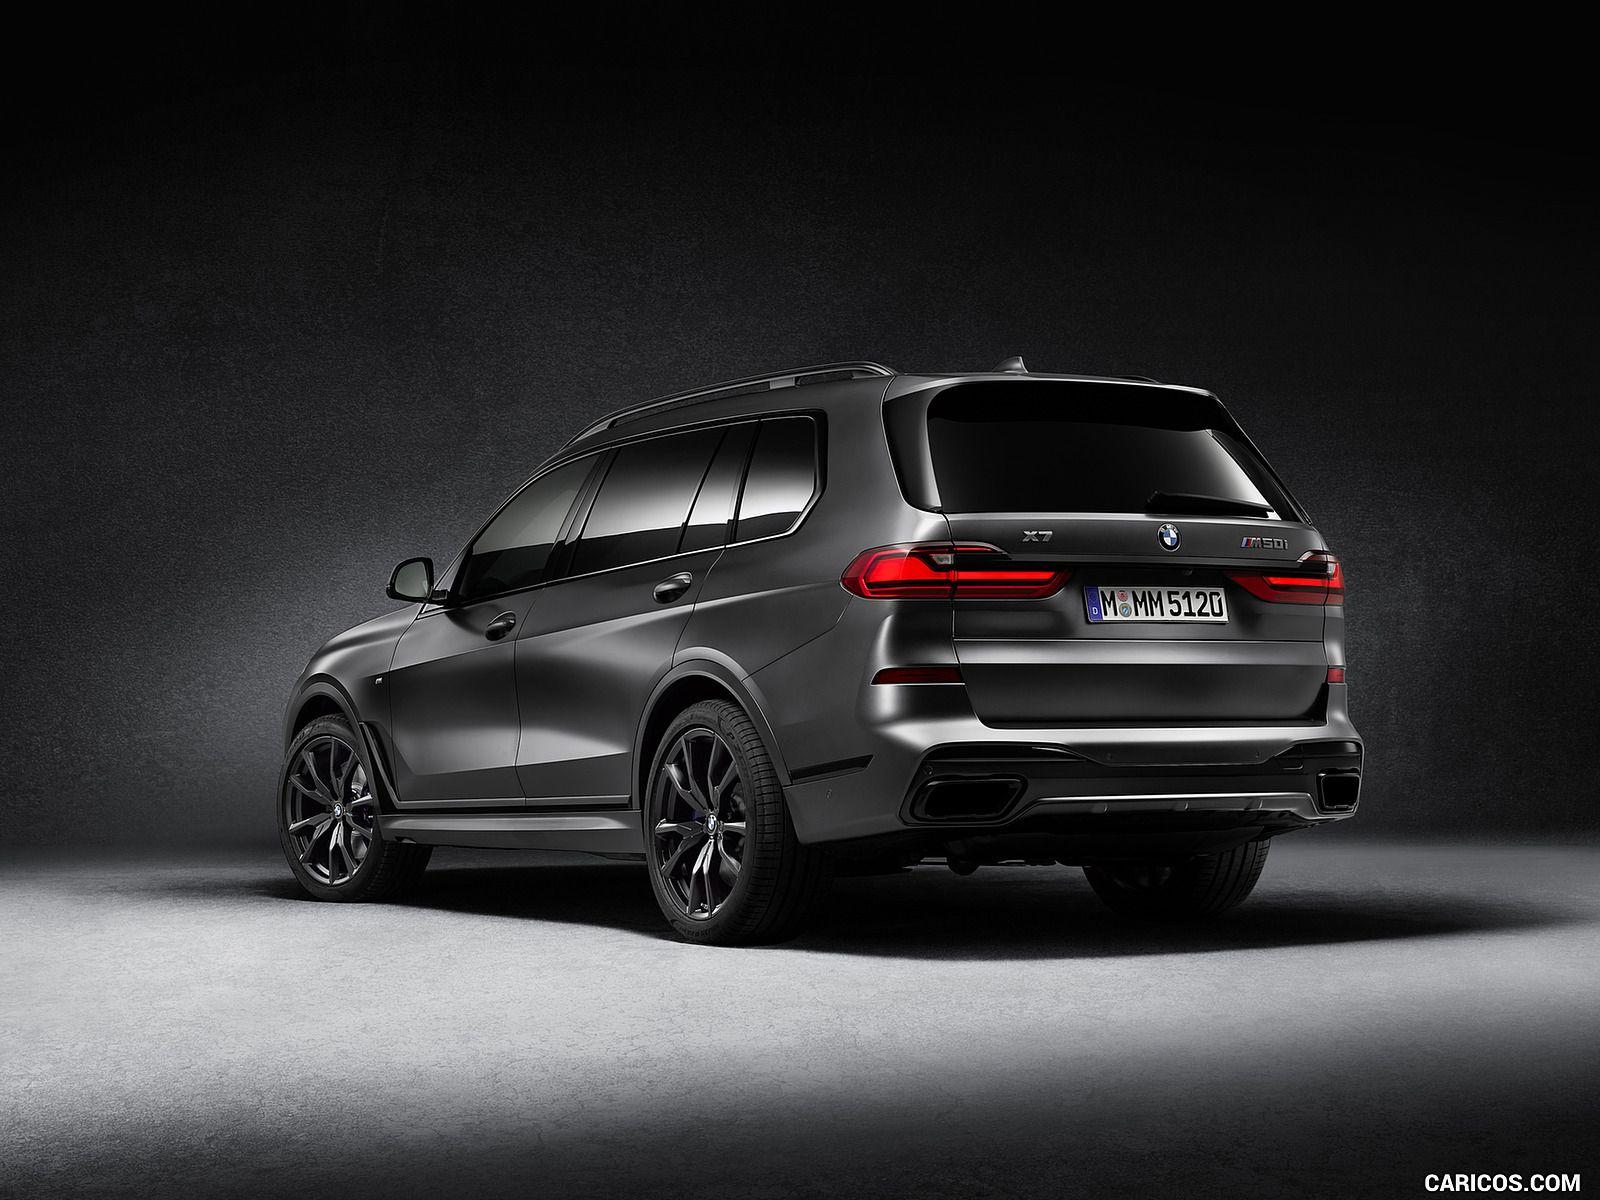 2021 BMW X7 Dark Shadow Edition in 2020 Bmw x7, Bmw, New bmw